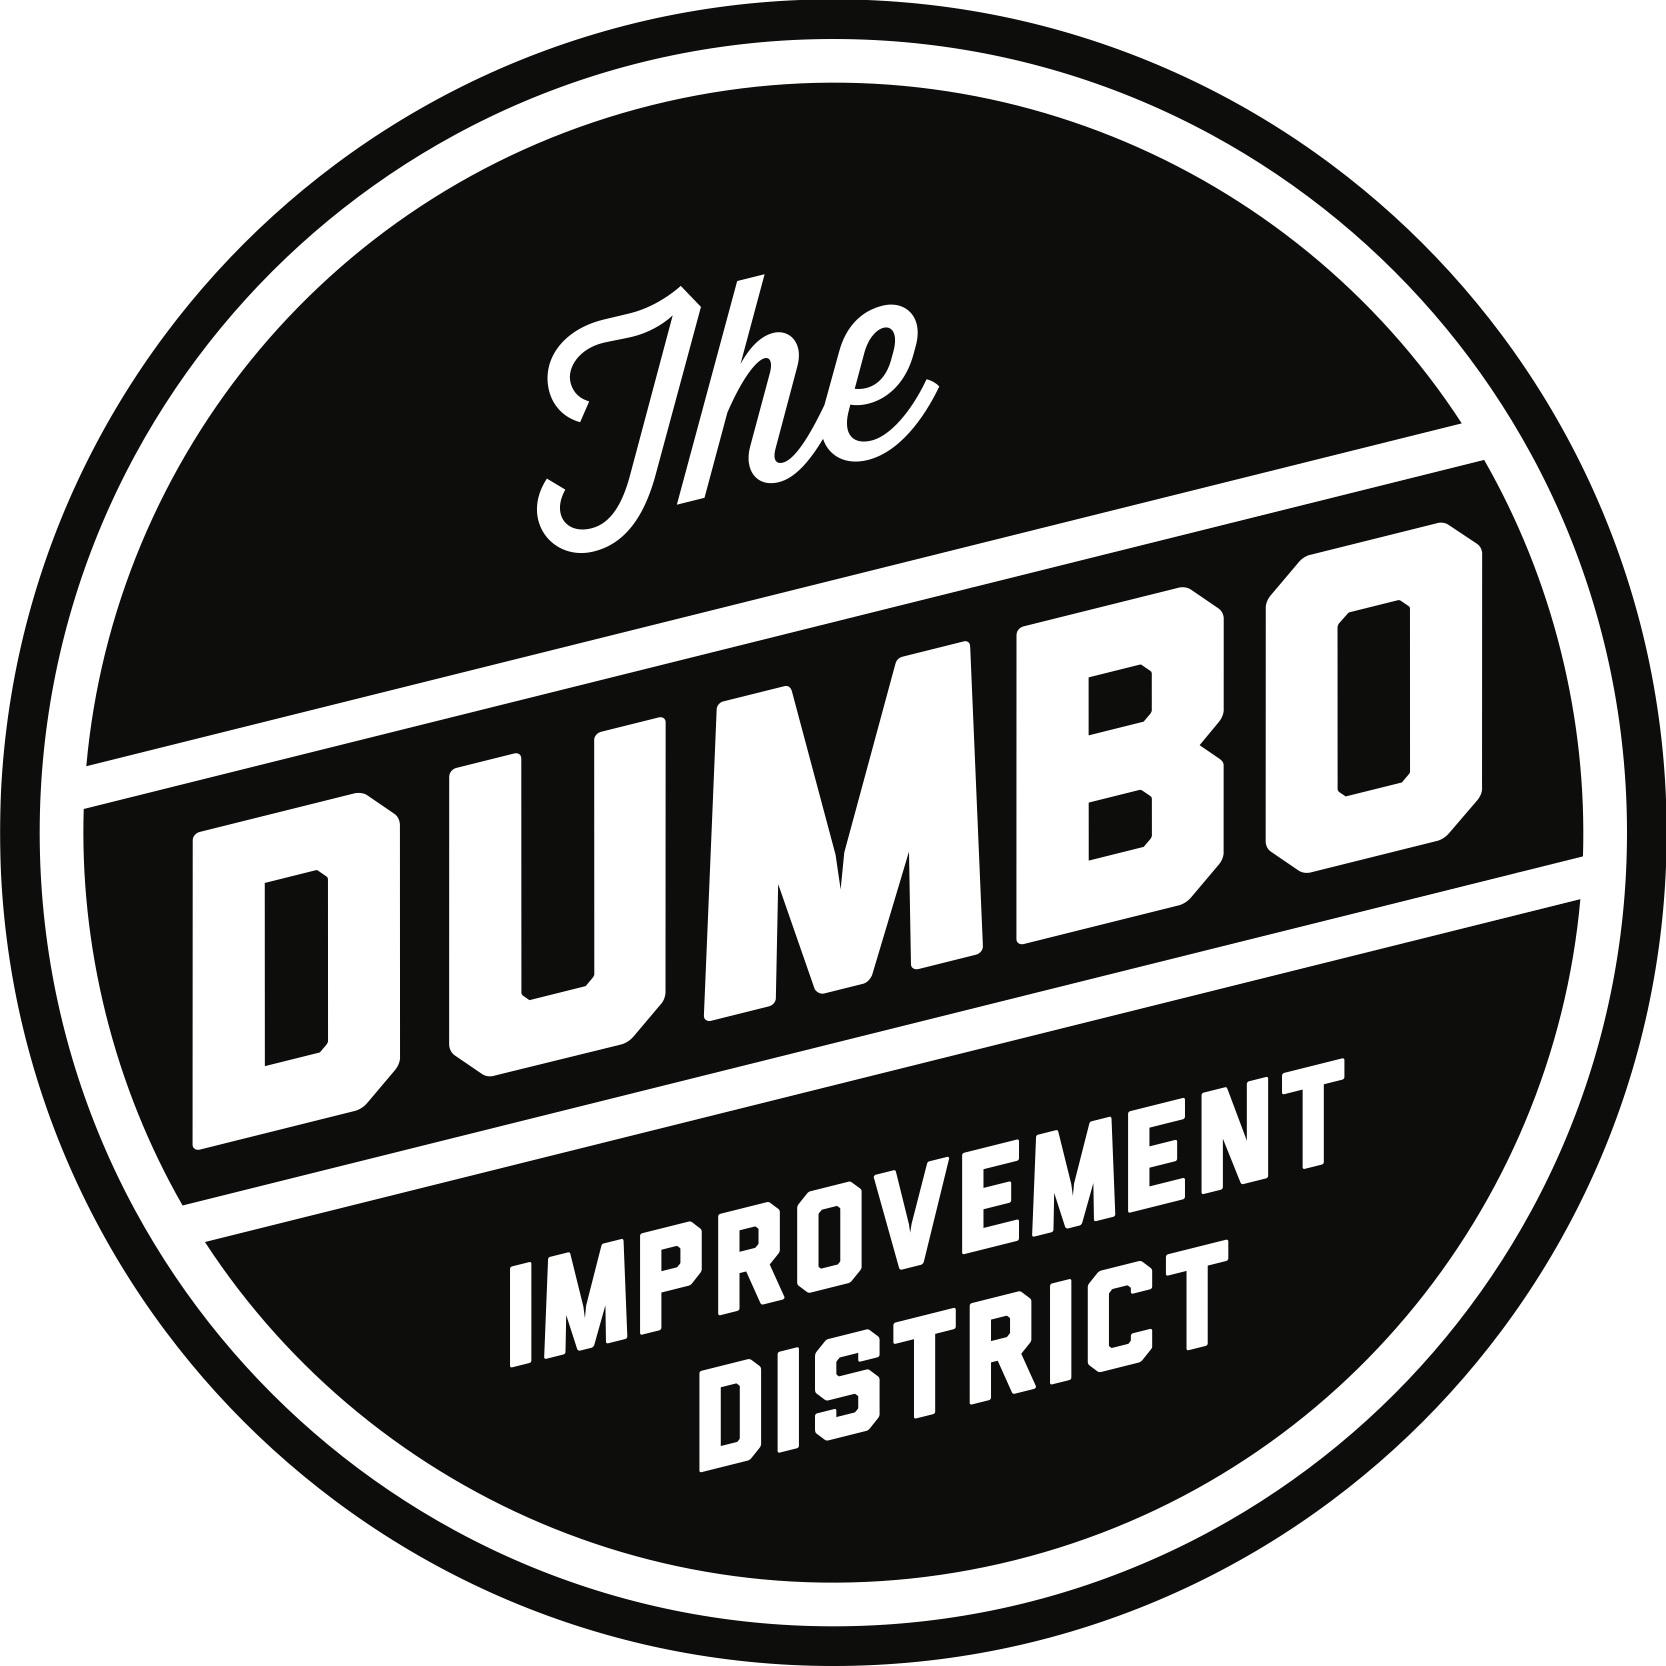 Dumbo Improvement District